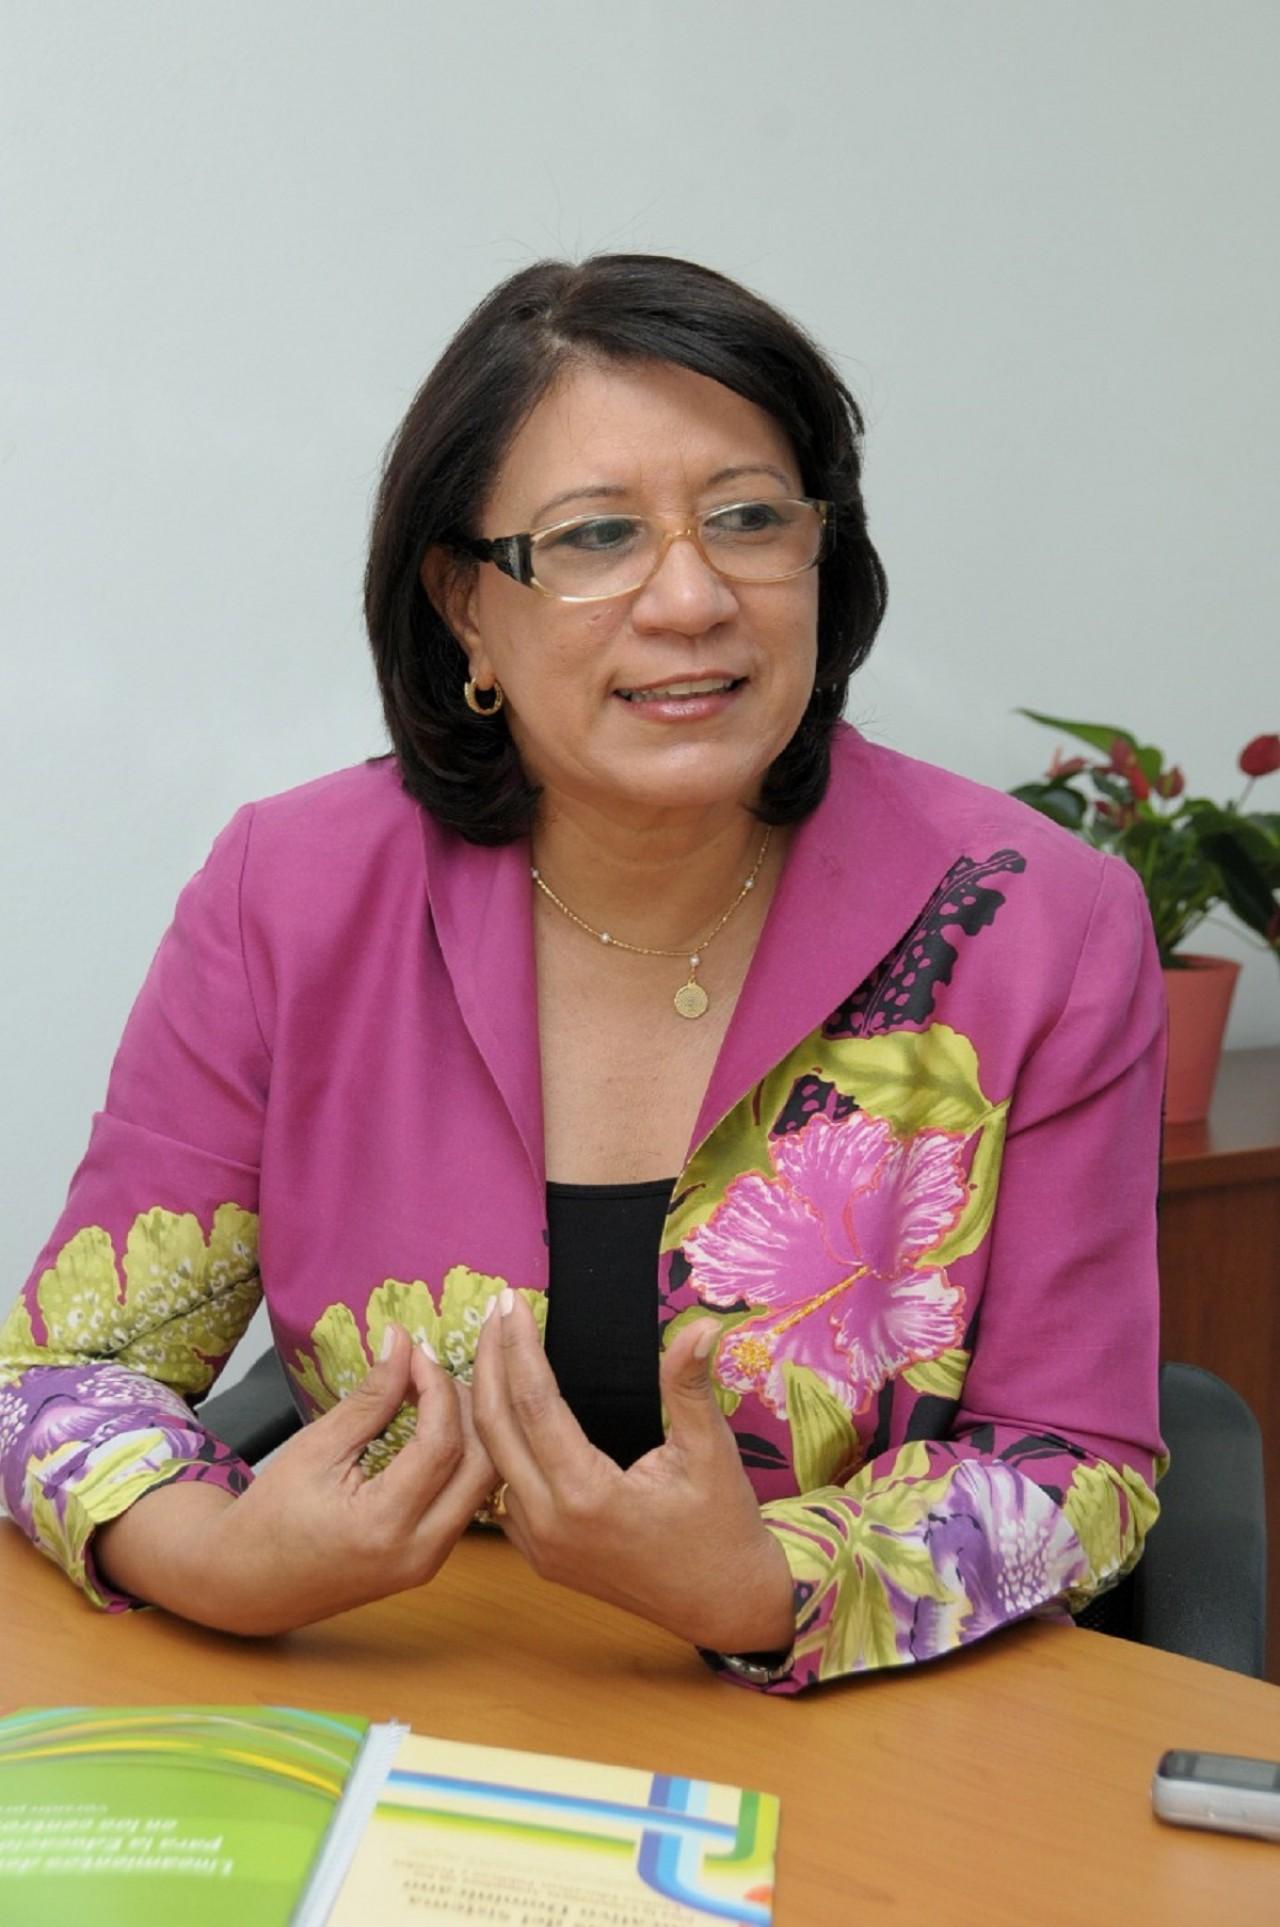 imagen Minerva Pérez Jiménez